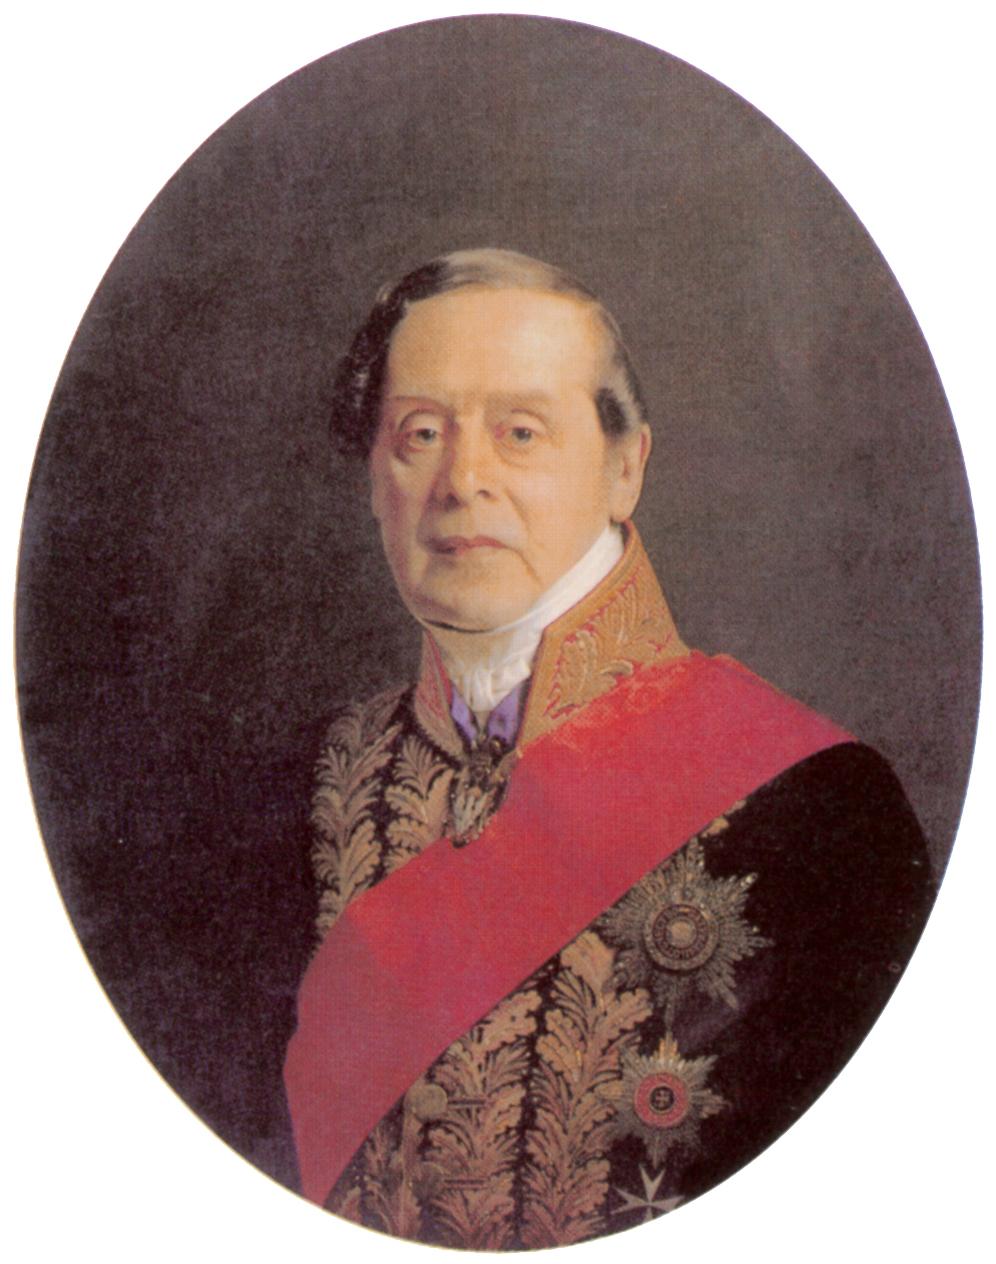 Портрет Александра Сергеевича Танеева, Зарянко Сергей Константинович